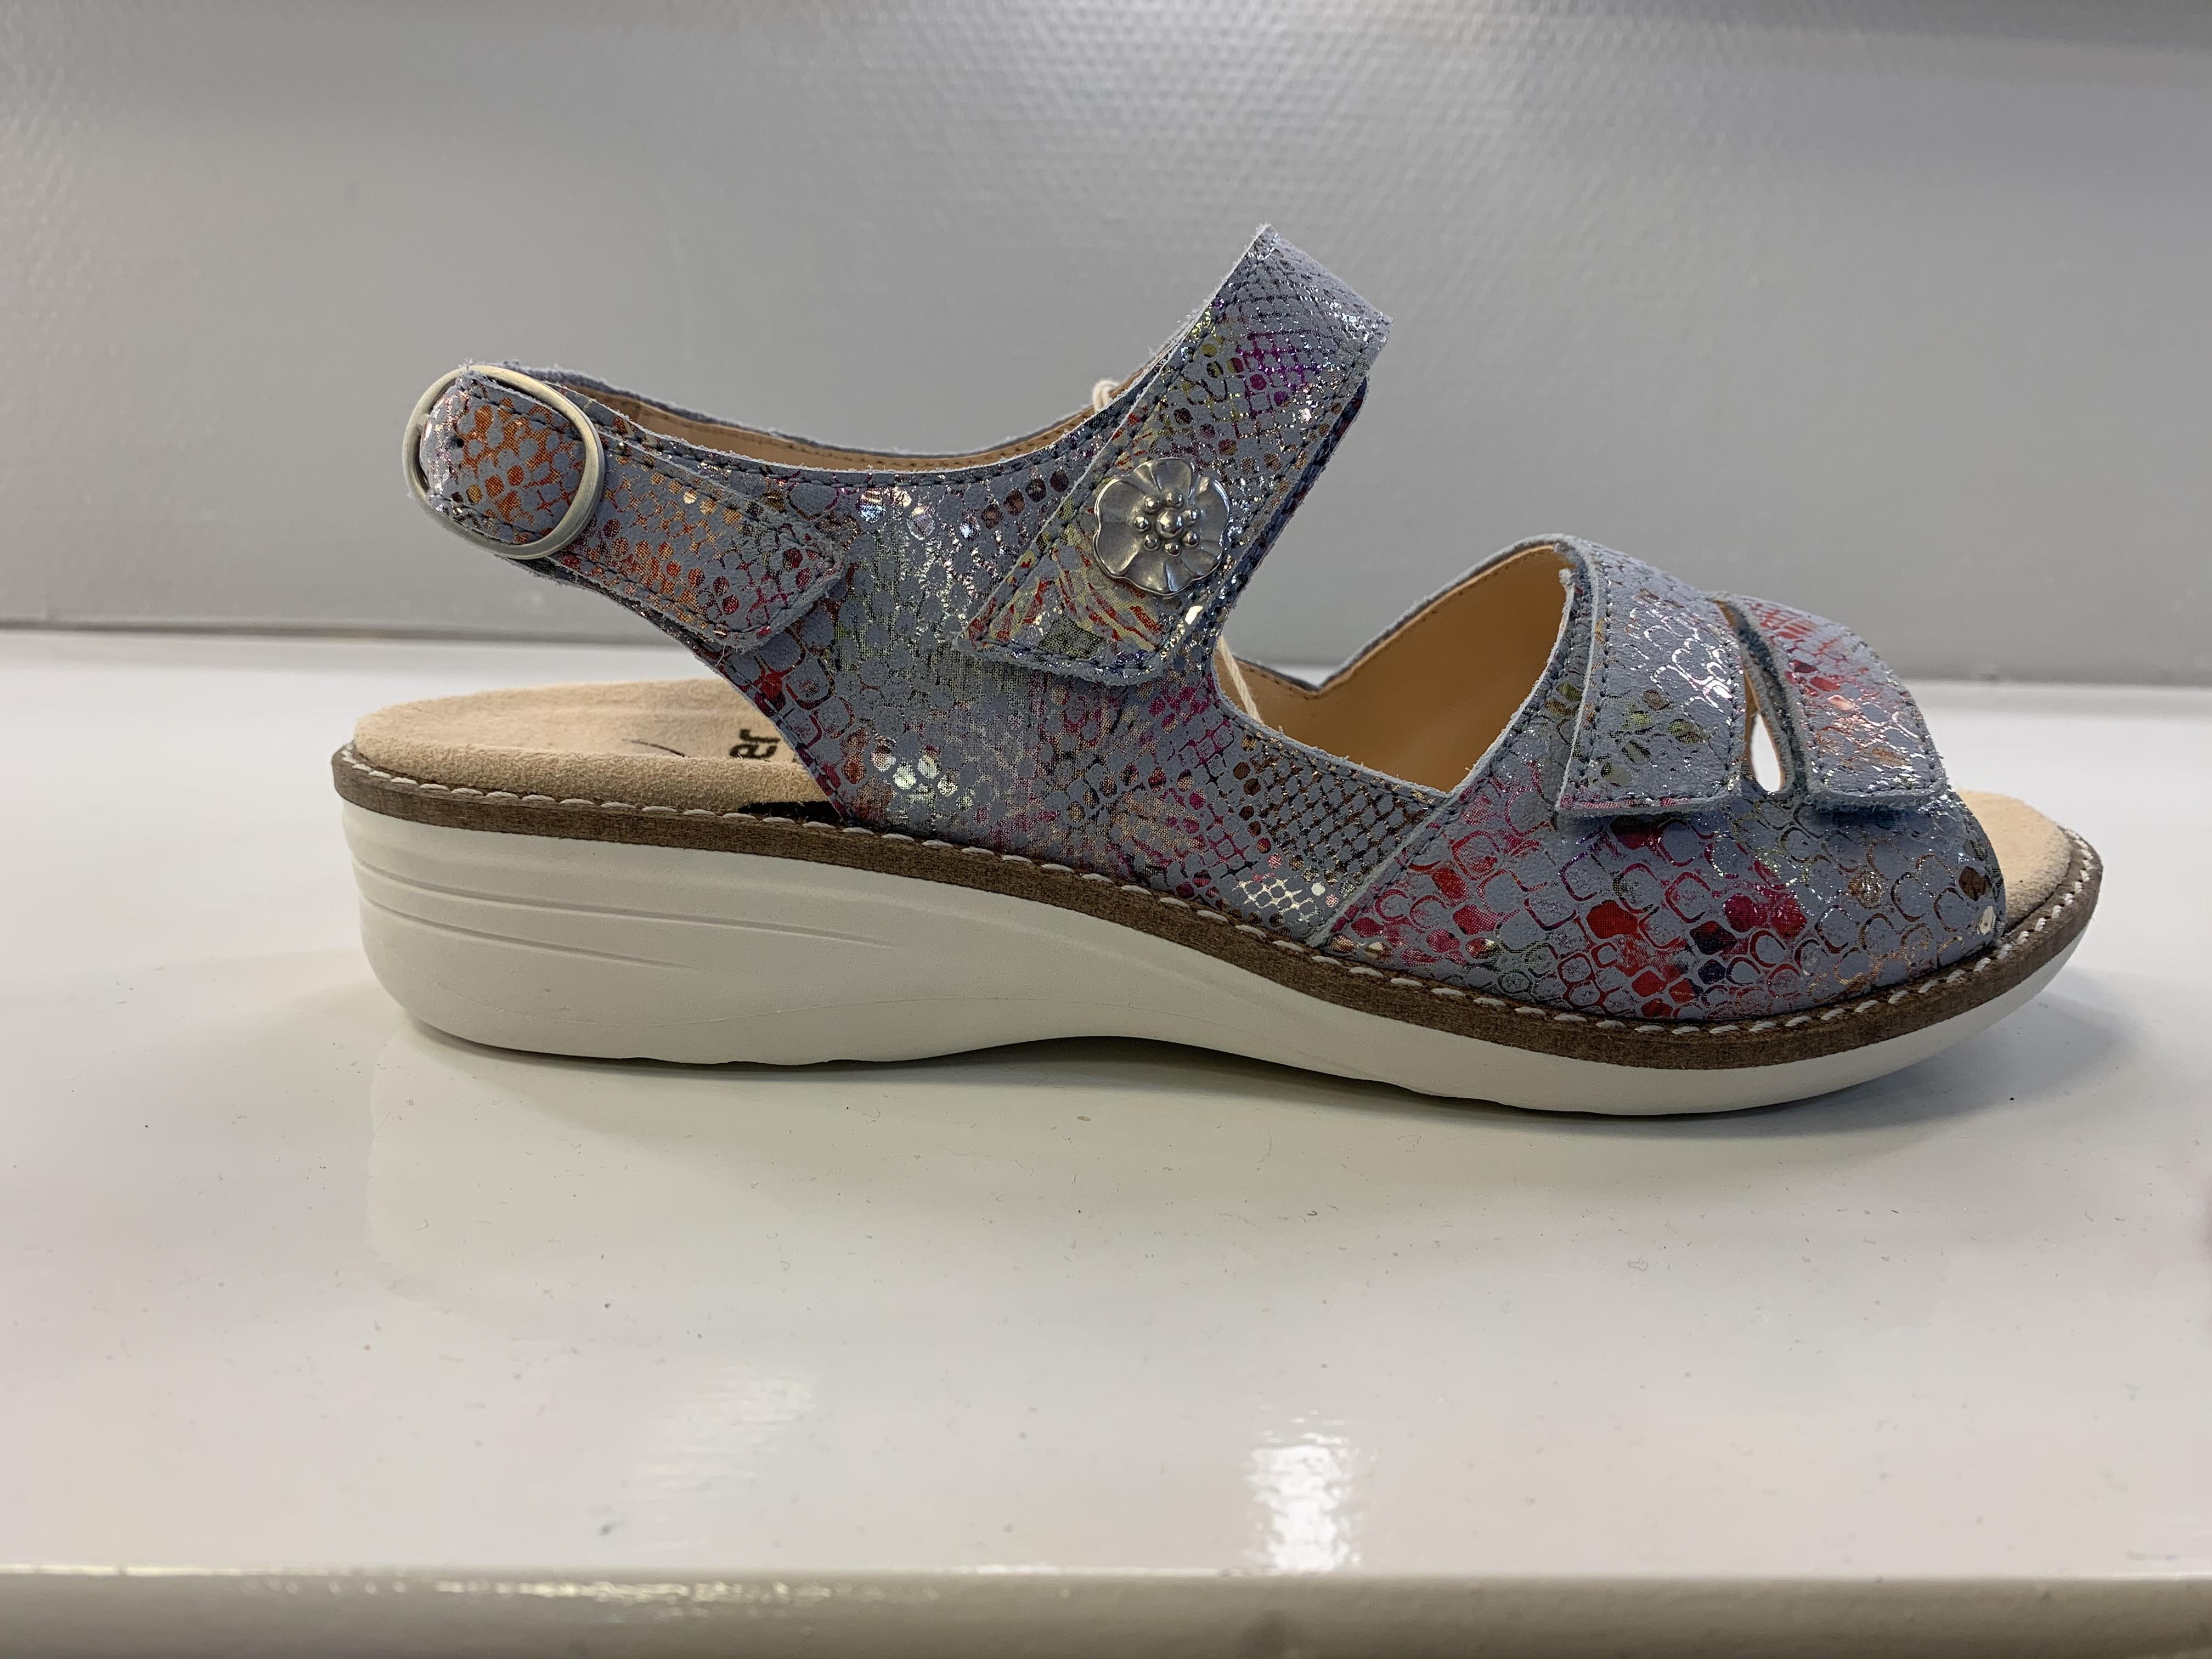 Ganter sandaal, voorzien van kurk voetbed welke is bekleed met huidvriendelijk leer, 2.5 cm.hak en verstelbare banden.